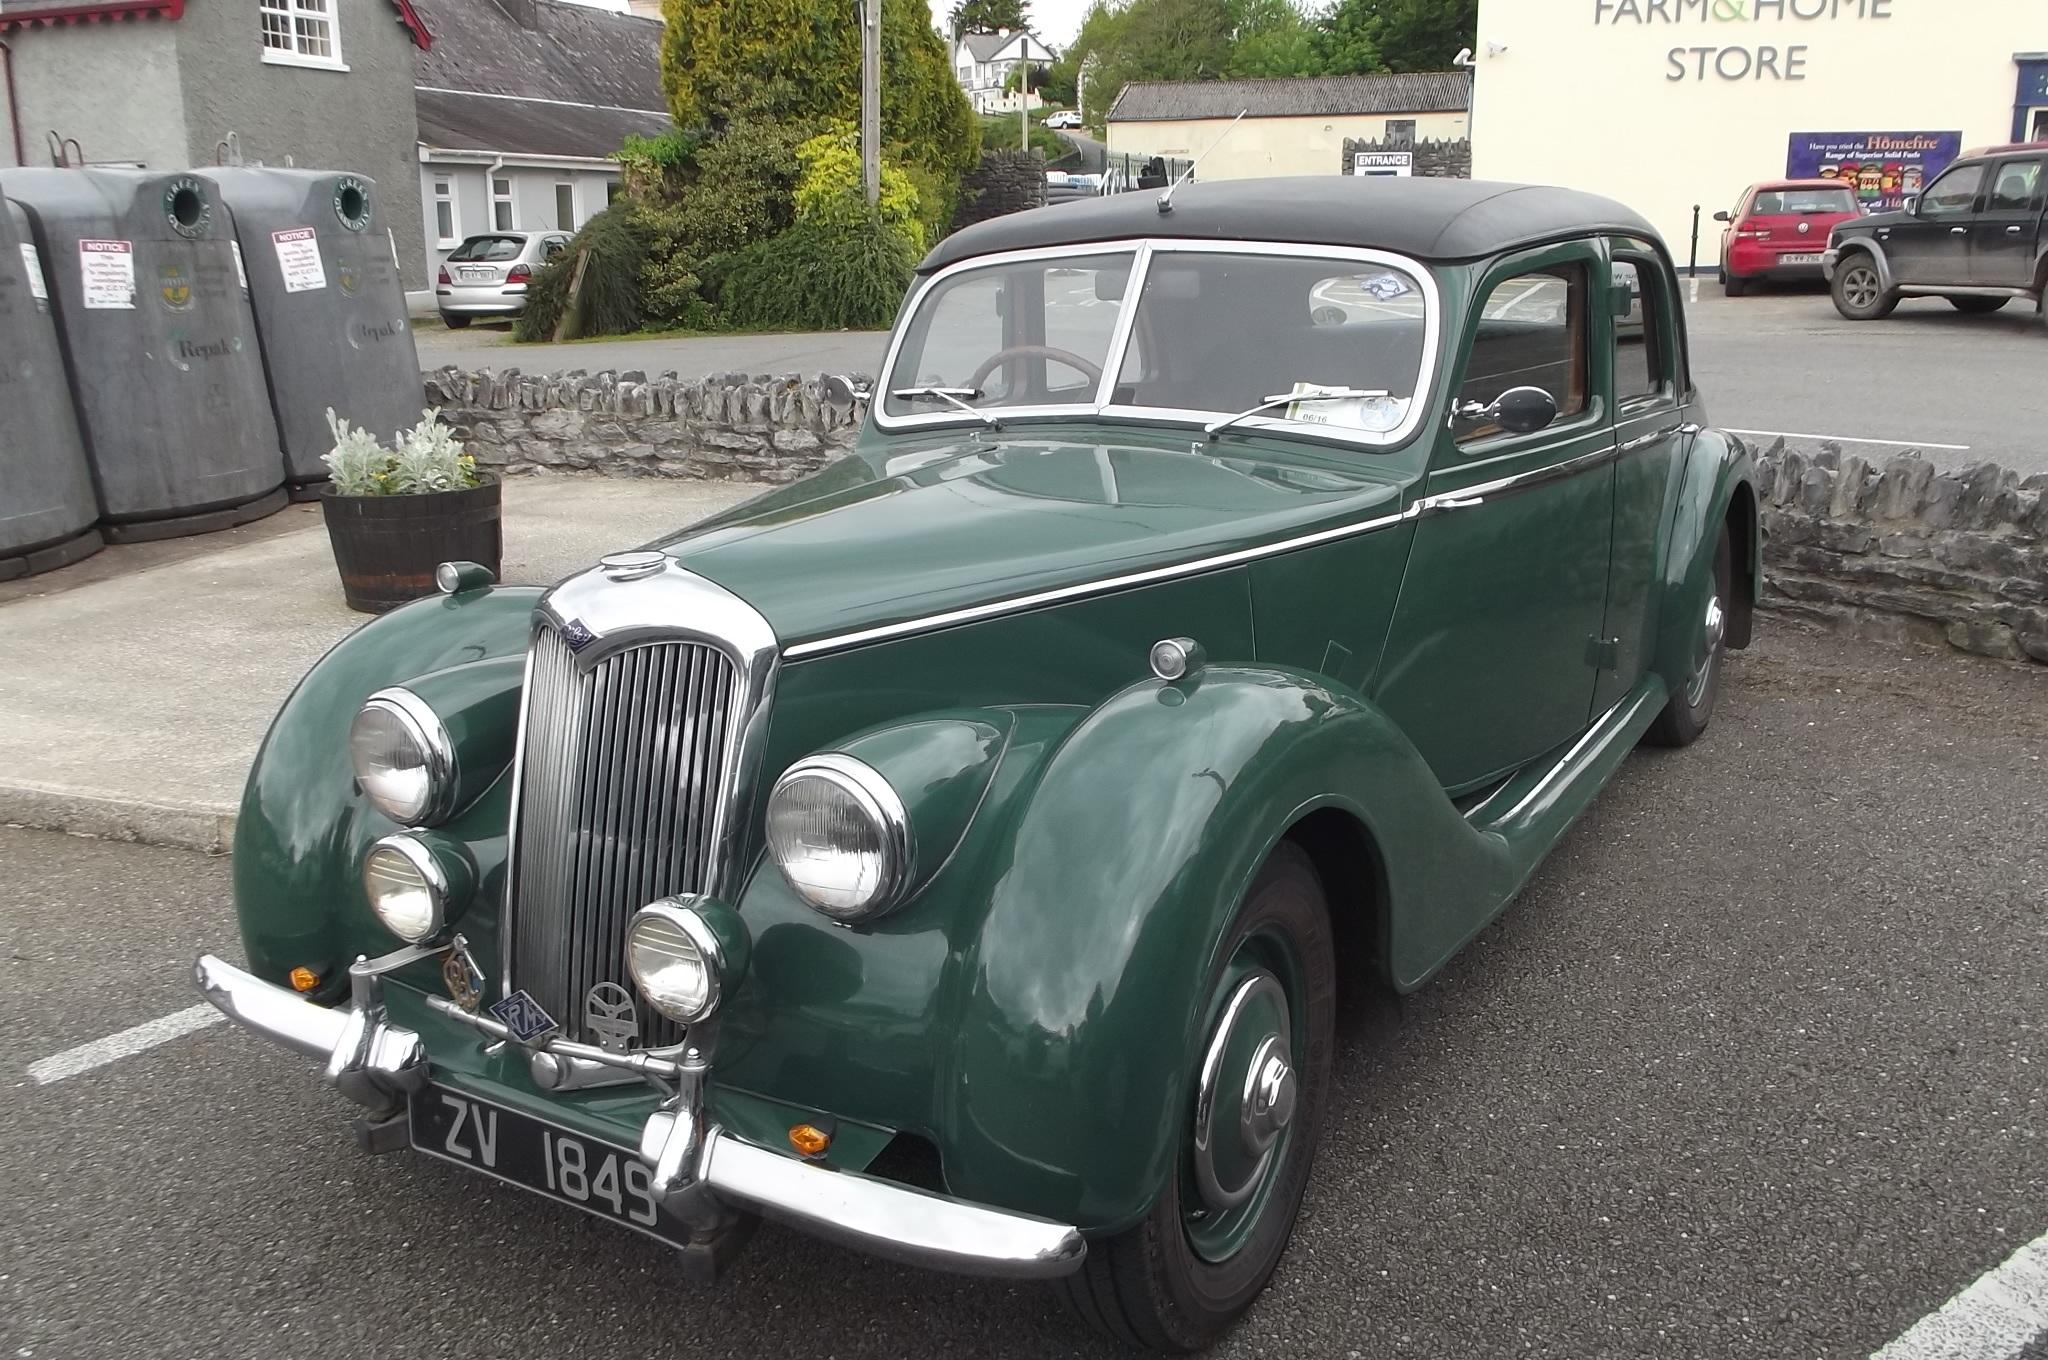 Famous Images Gratuites : voiture ancienne, voiture verte, Voiture verte  QV07